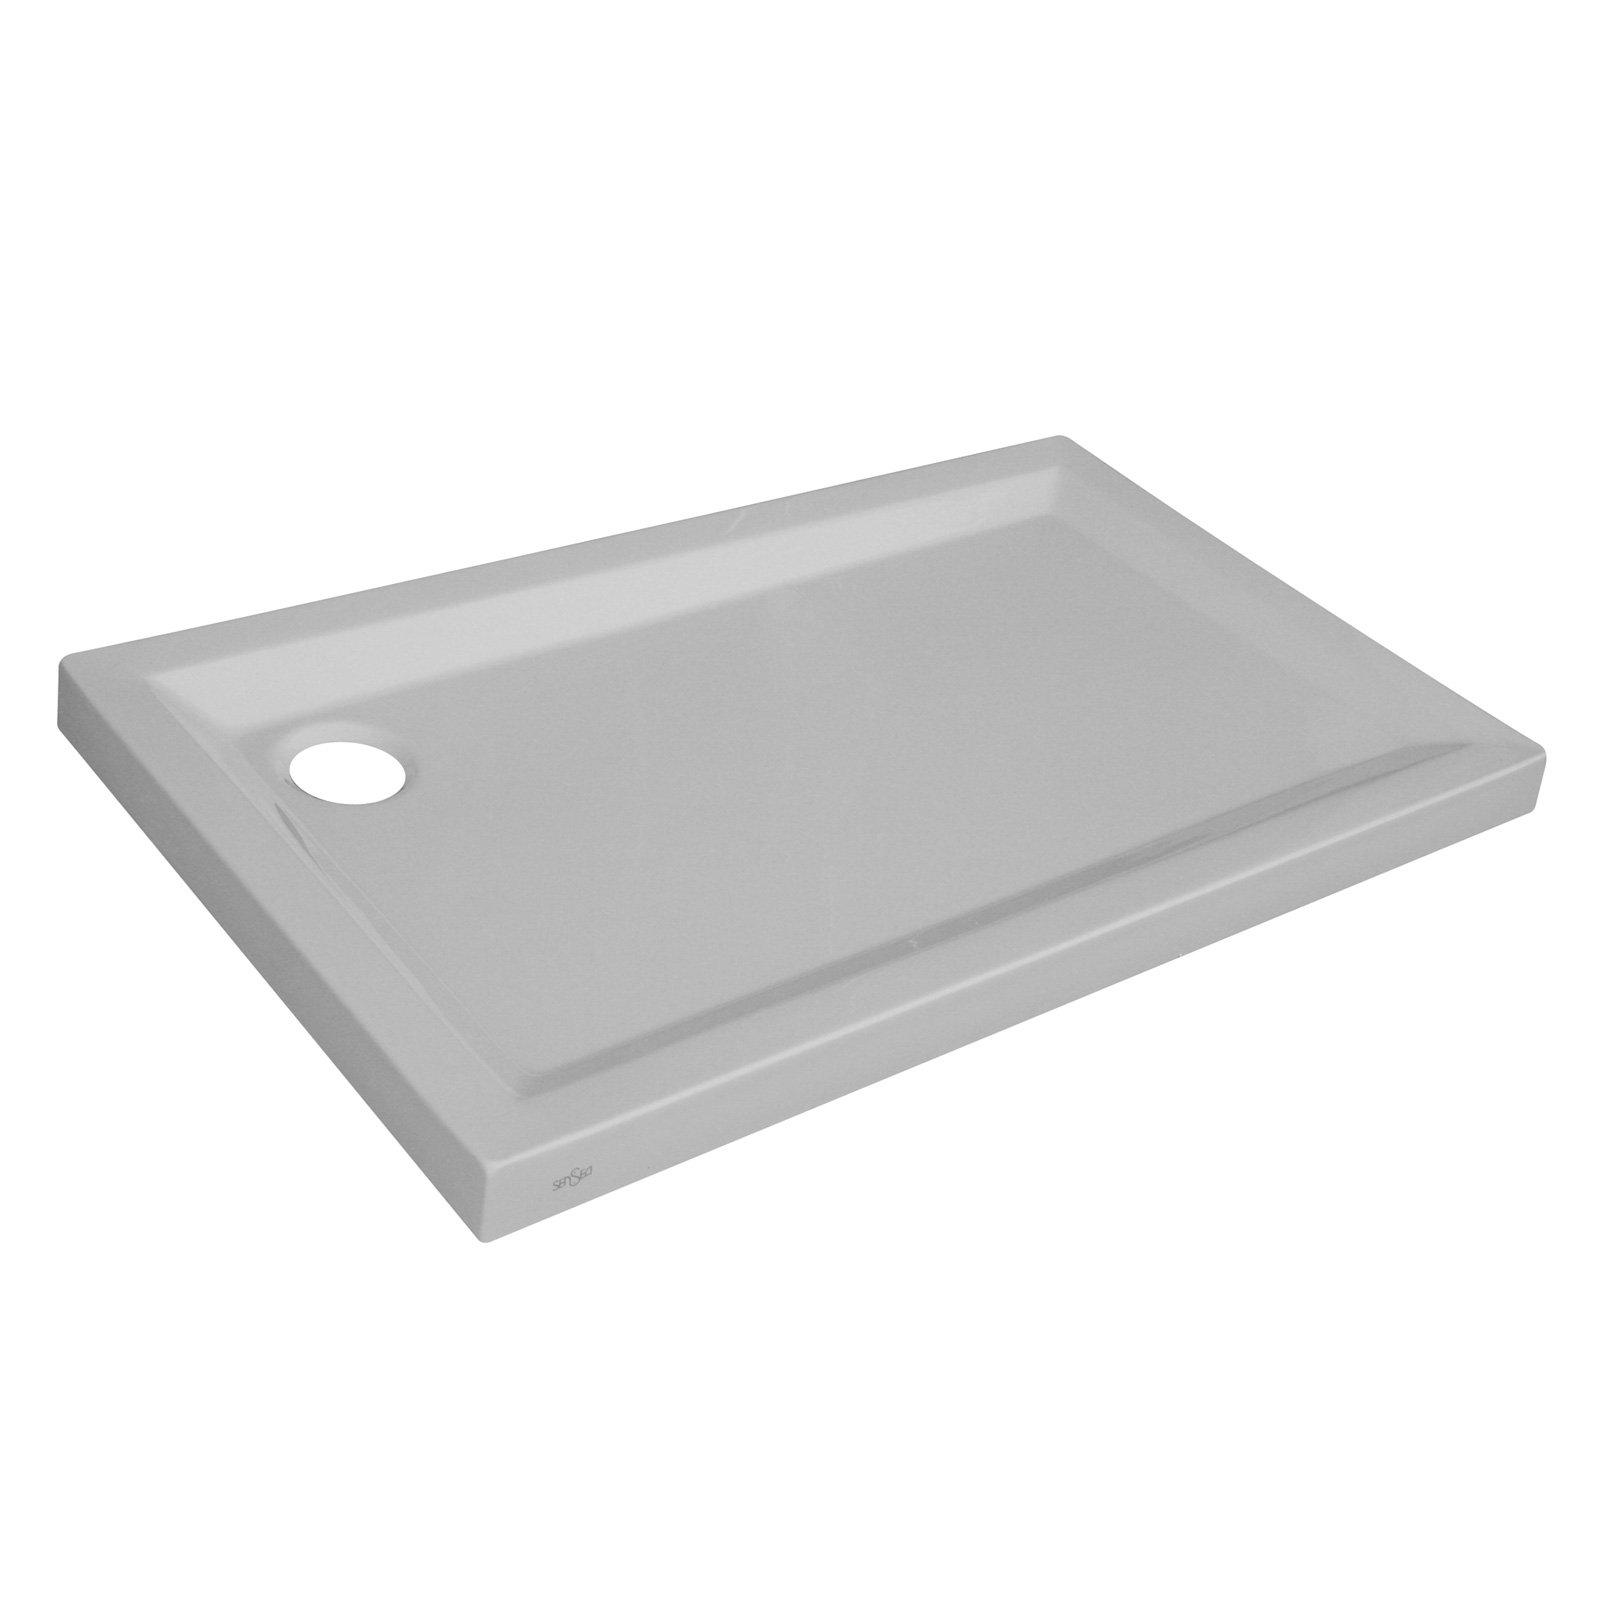 Bagno trasformare la vasca in doccia cose di casa for Box doccia 70 x 70 leroy merlin